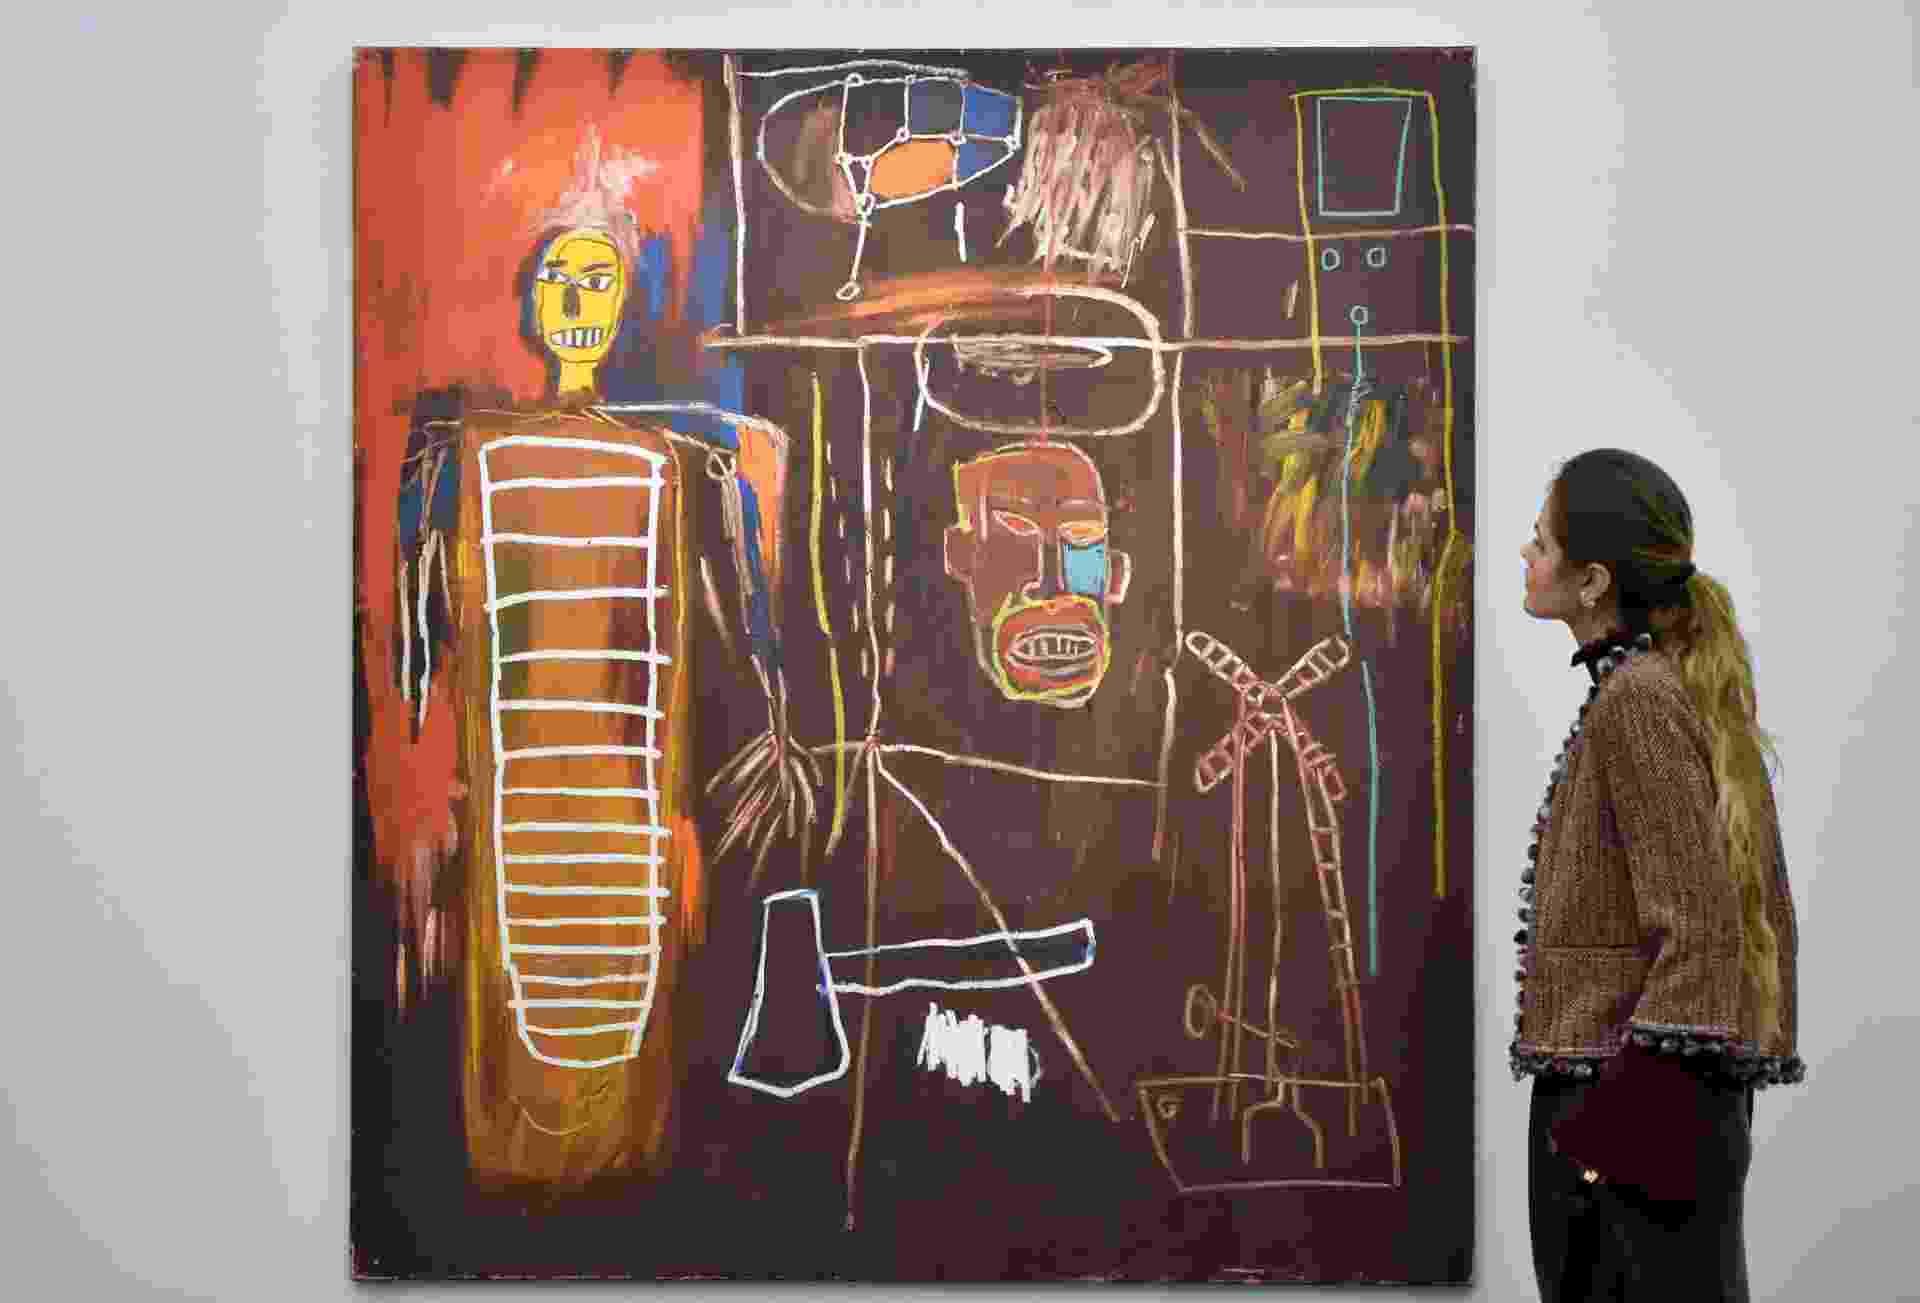 """A casa de leilões Sotheby's de Londres expõe até o dia 10 de novembro mais de 350 obras de arte da coleção privada do músico britânico David Bowie. Na imagem, a obra """"Air Power"""", de Jean-Michel Basquiat, estimada em 2,5 milhões de libras - Hannah McKay/Reuters"""